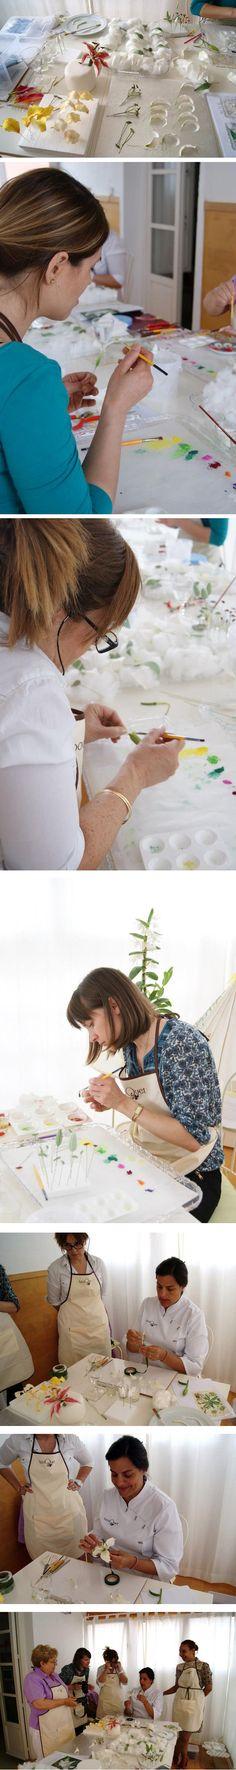 Curso monográfico Liliums BouQuet y Rosa Clásica.- #Curso #Monografico #Liliums #Bouquet #Rosas #Rosa #Clasica #Creamos #Alicante #Espana #Flores #Azucar #SugarCraft